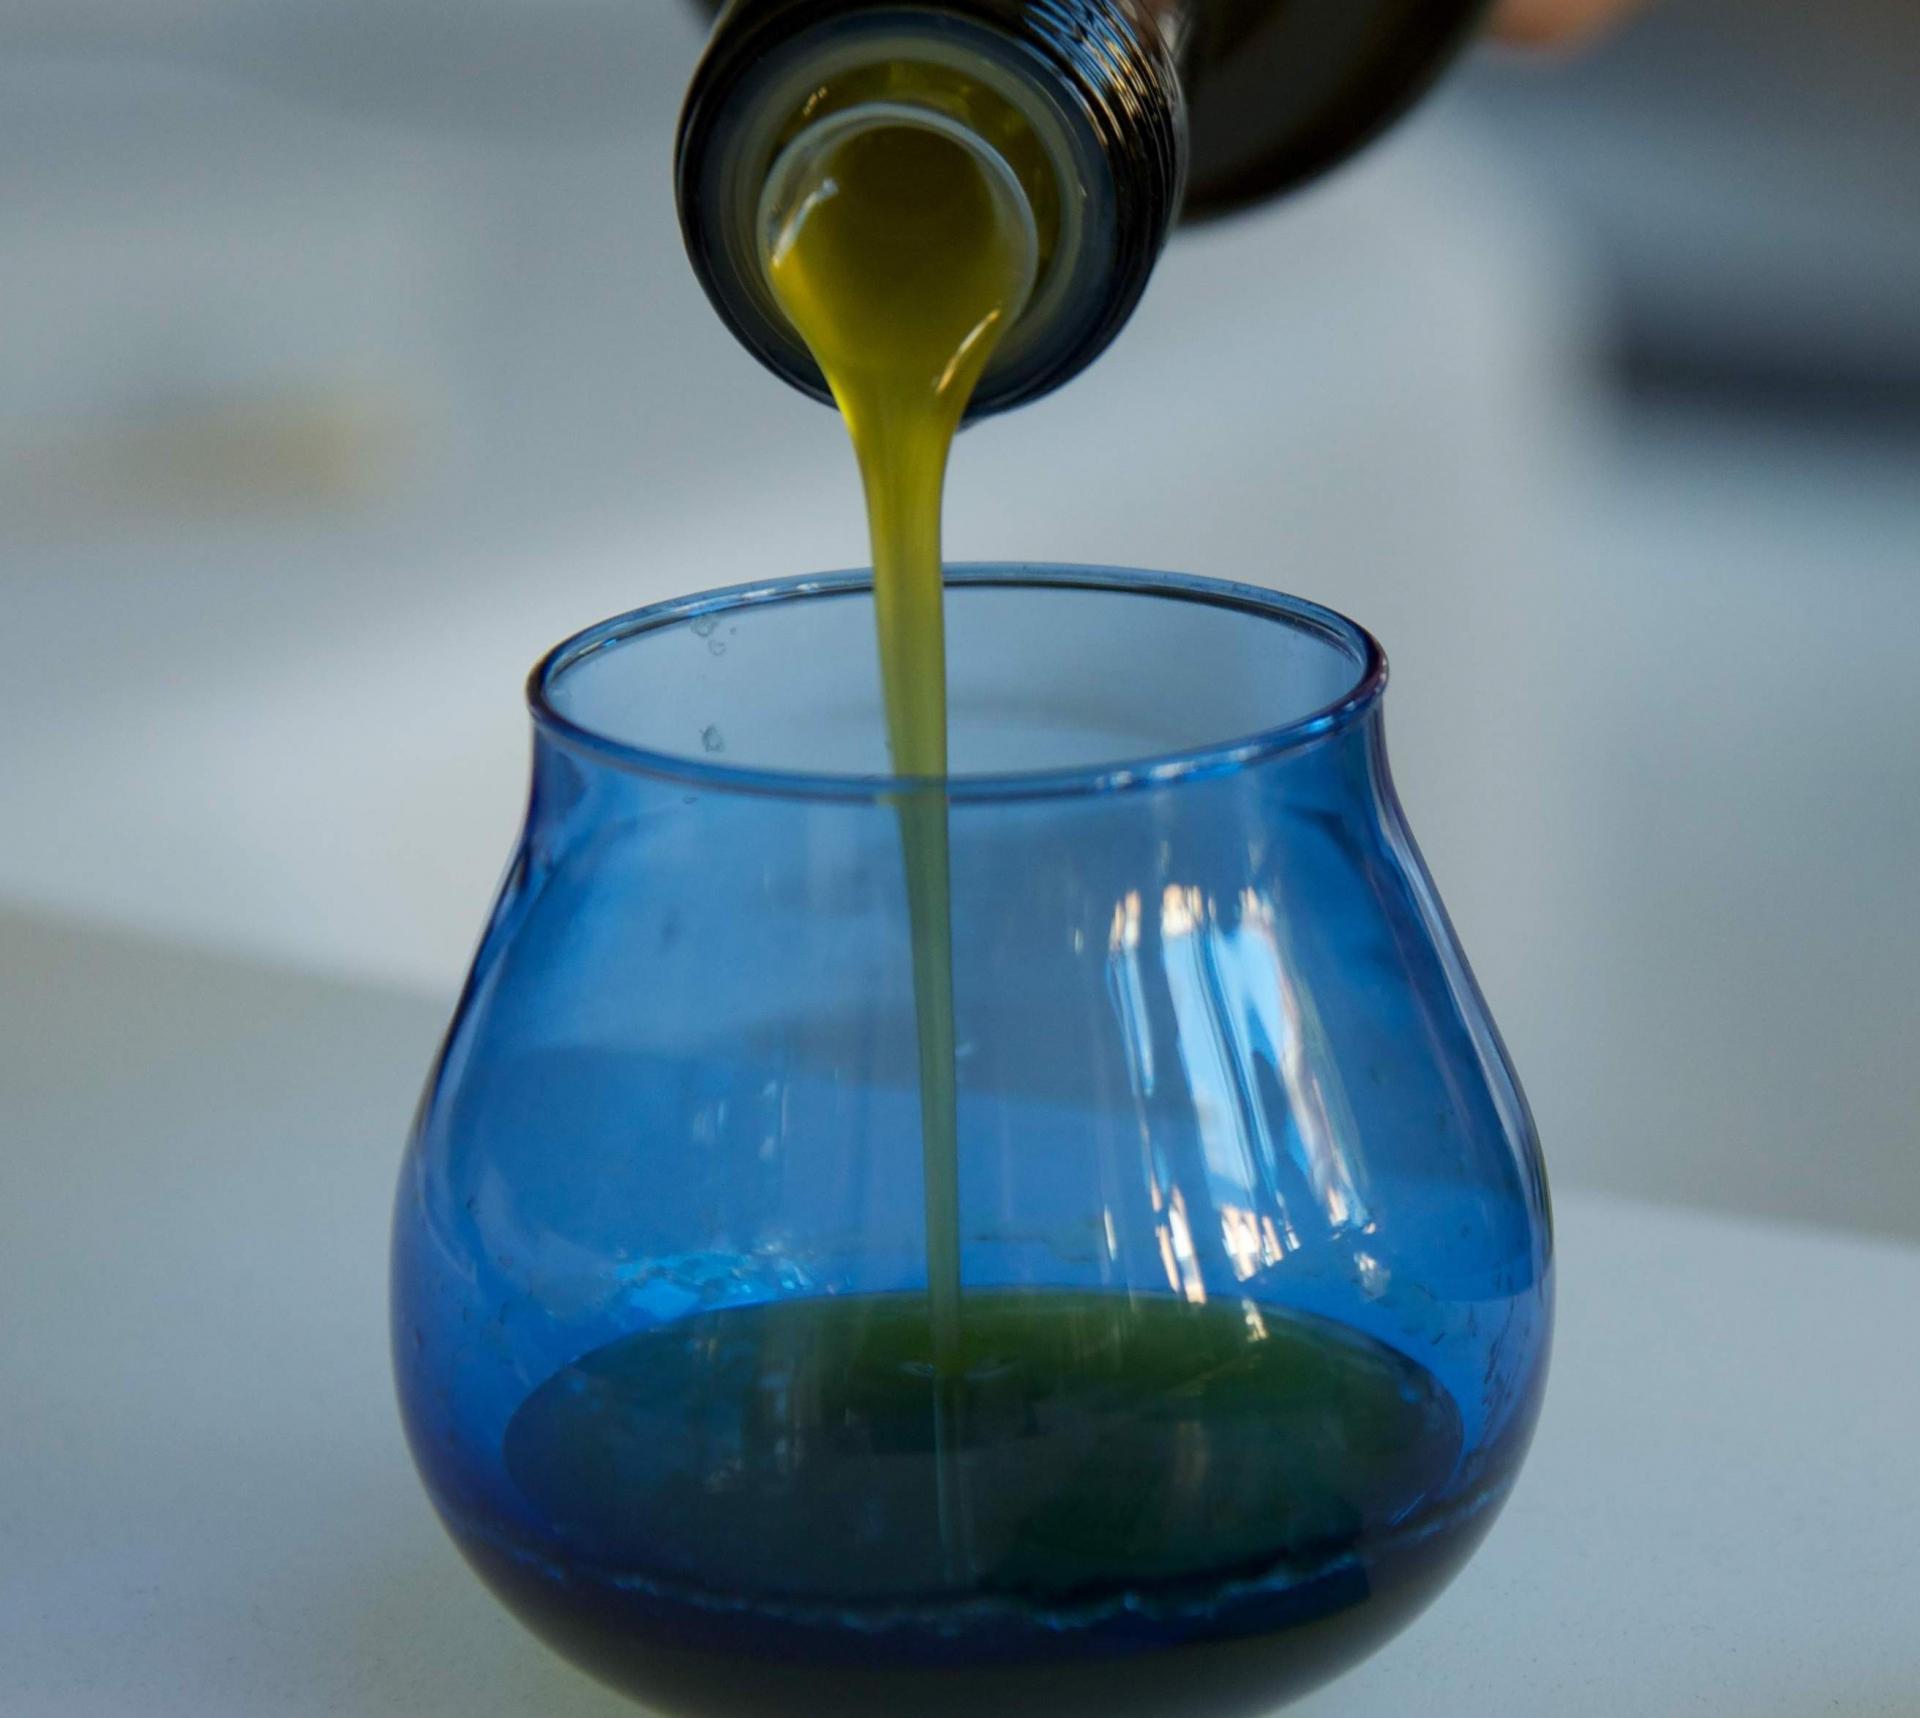 Nessuno denigri l'olio italiano